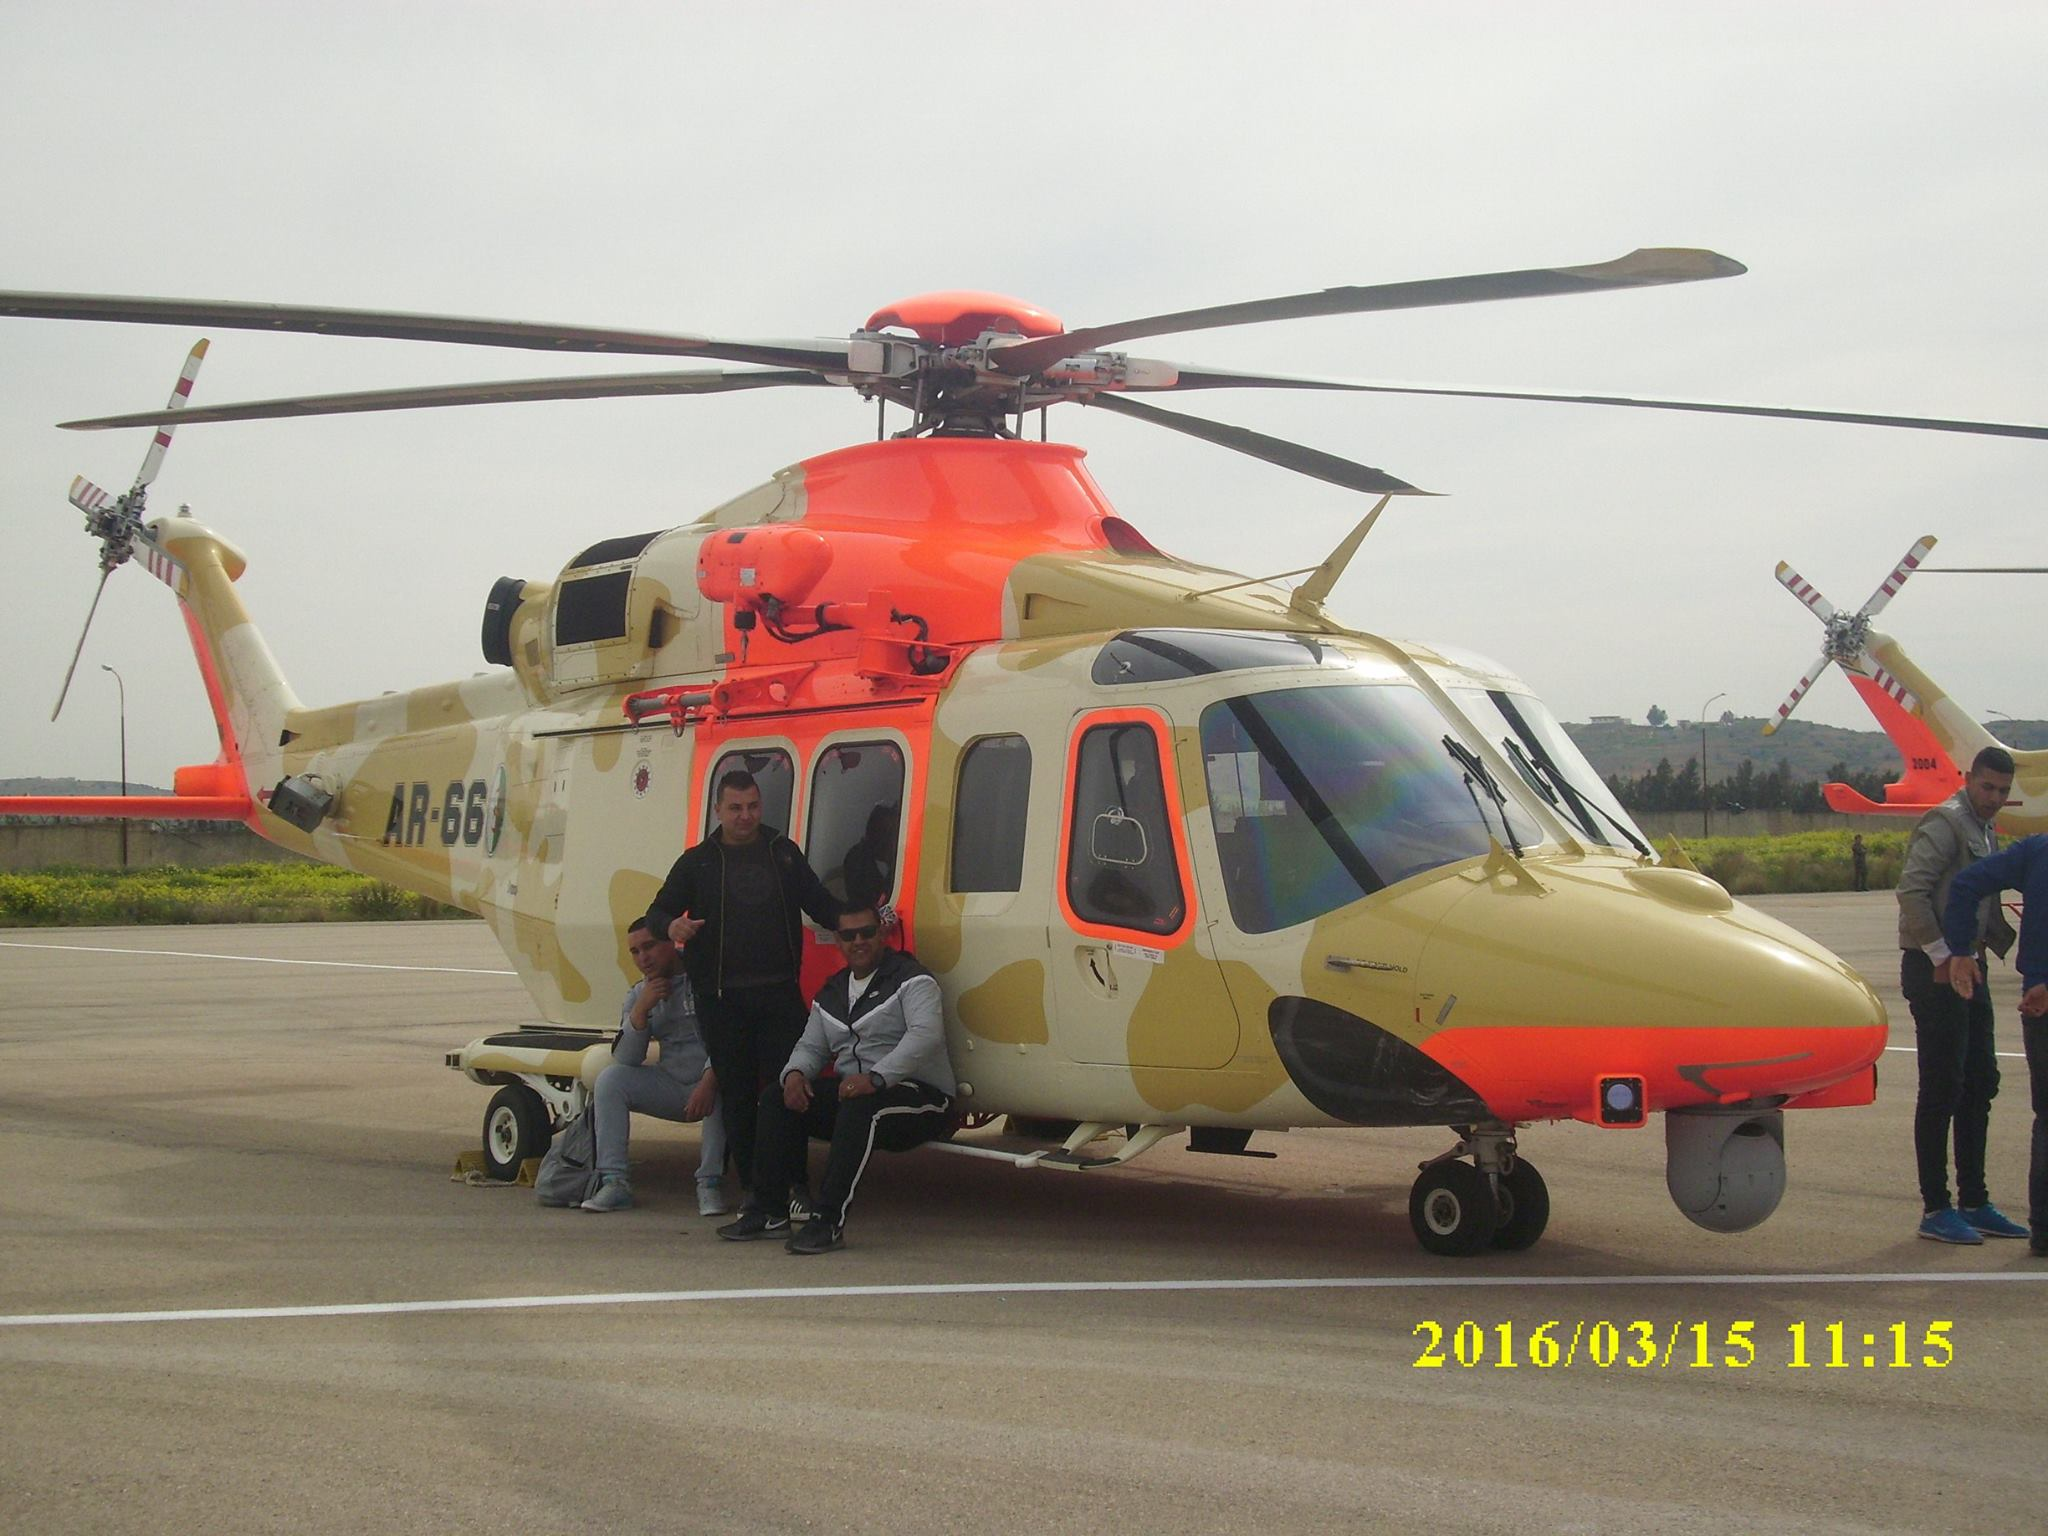 صور مروحيات القوات الجوية الجزائرية  [ AW-139 SAR ] - صفحة 2 25881218916_49333f1487_o